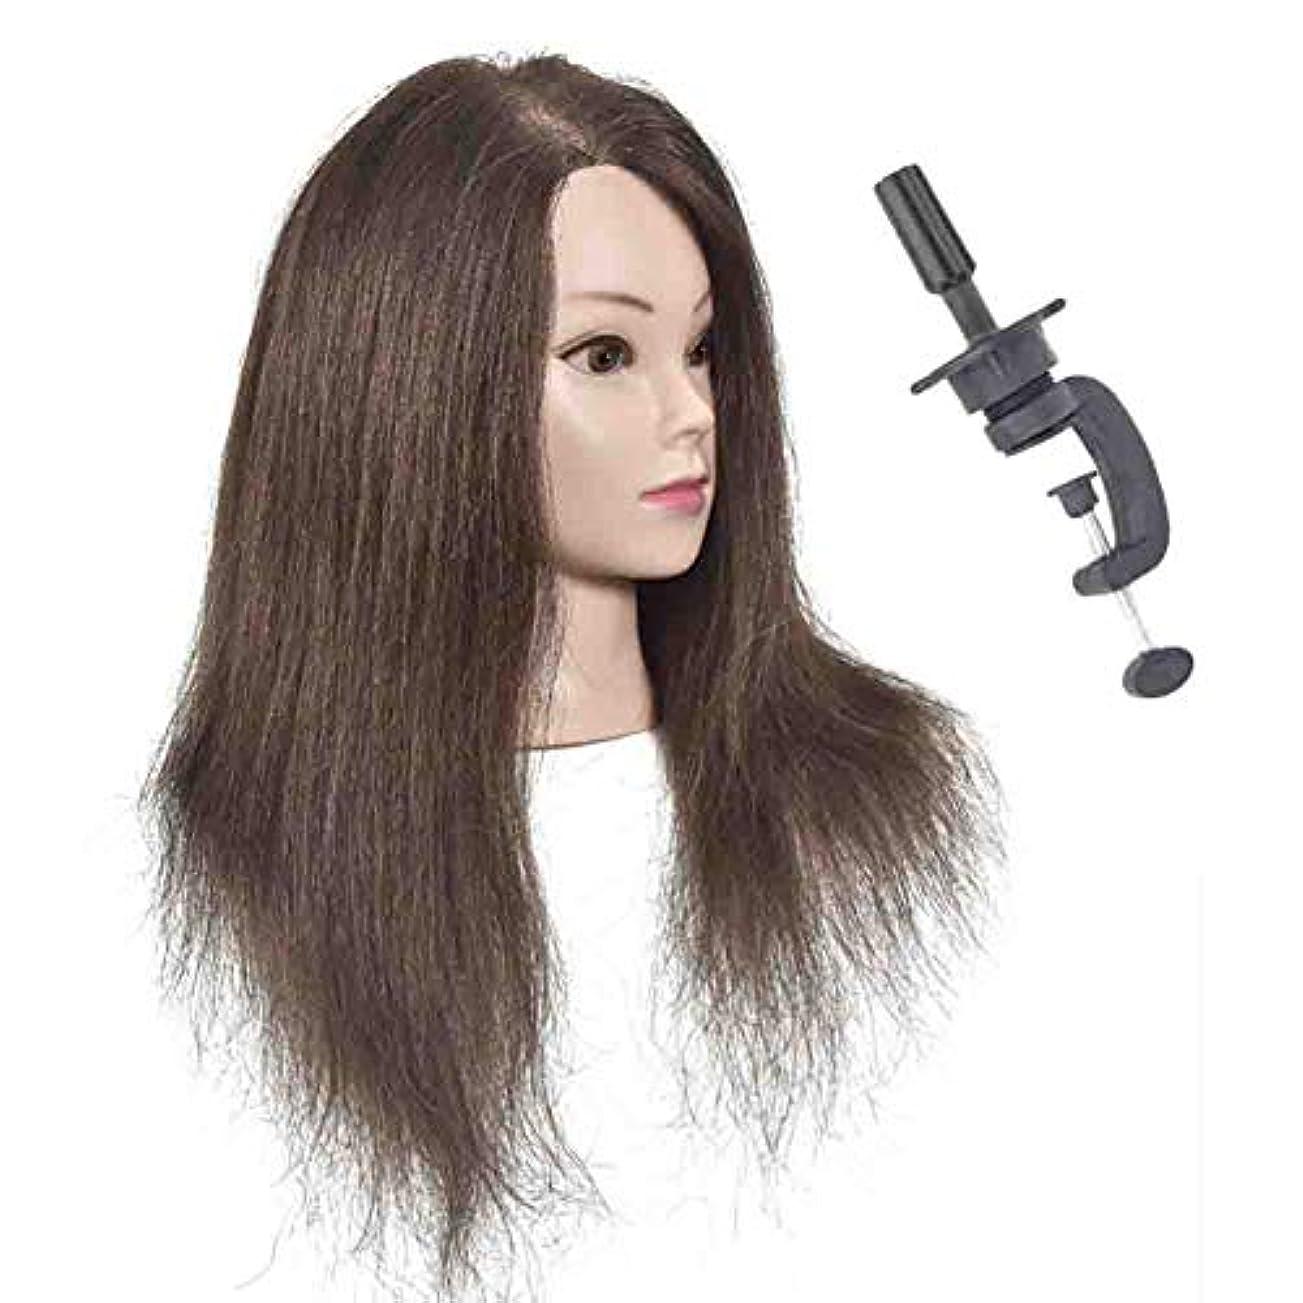 宿題をするサスティーンするだろうリアルヘアワイヤーヘアティーチングヘッドパーマヘアウィービングヘアモデルヘアダイイング理髪ダミーヘッドモデル